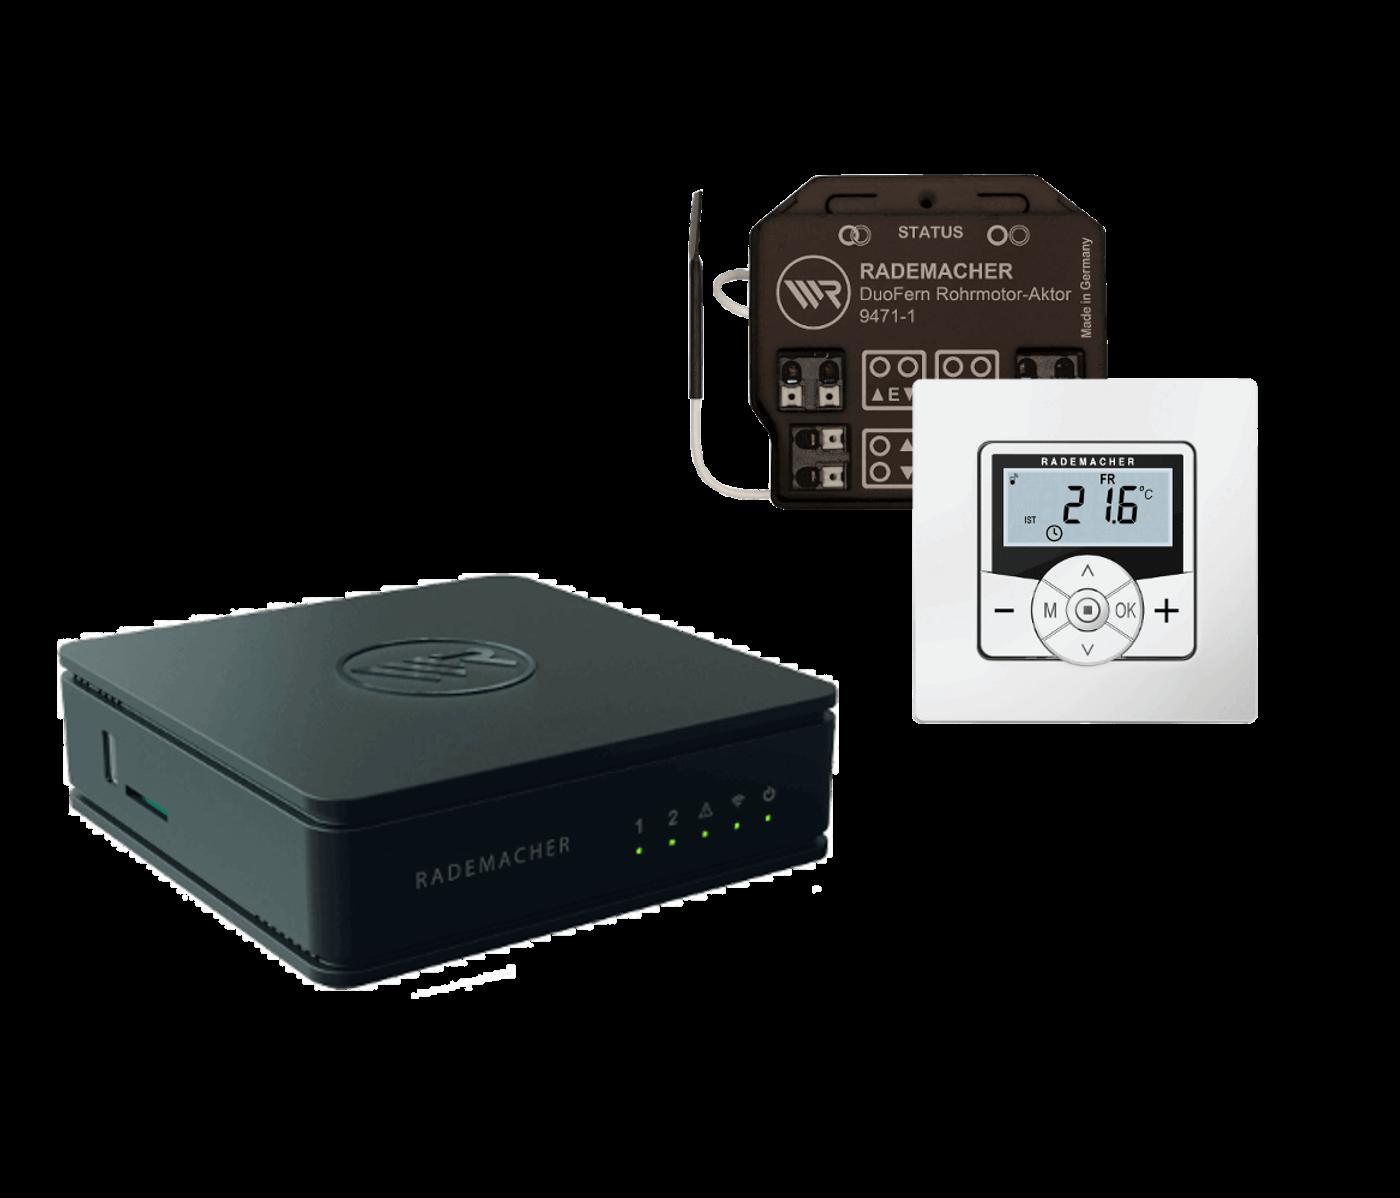 Rademacher Klima Paket, Sicht -und Sonnenschutz, Raumklima steuern mit HomePilot, Aktor & Raumthermostat